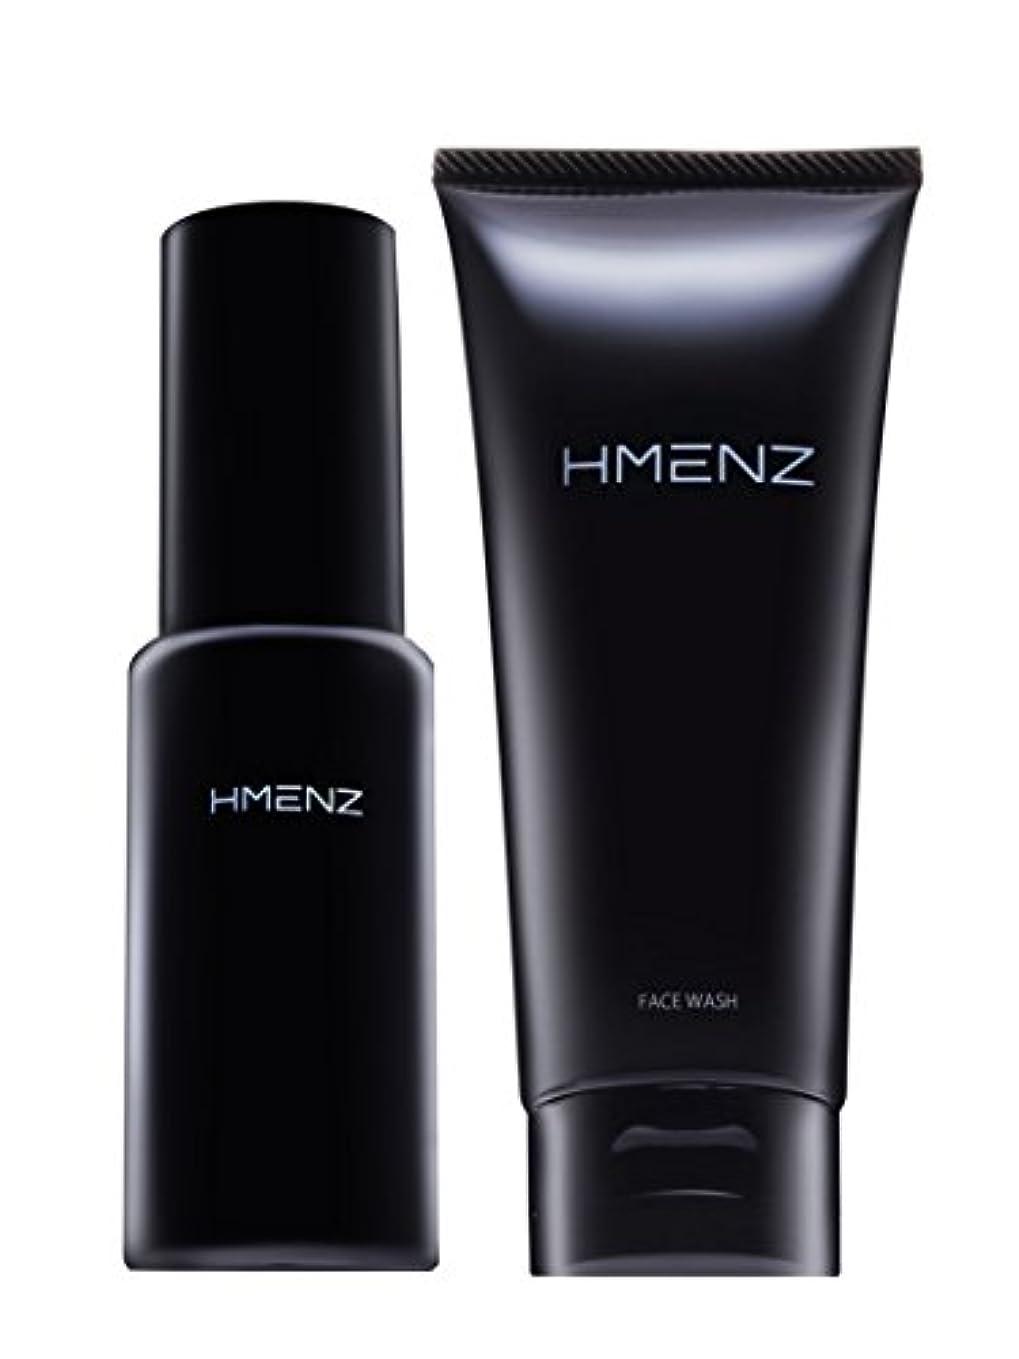 流体かかわらず明らかに医薬部外品【 スキンケア セット 】HMENZ メンズ 洗顔 & 美容液 乾燥肌 対策 保湿 (無添加 シミ対策 ニキビ対策 エイジングケア) 洗顔 オールインワン ジェル 100g&50ml